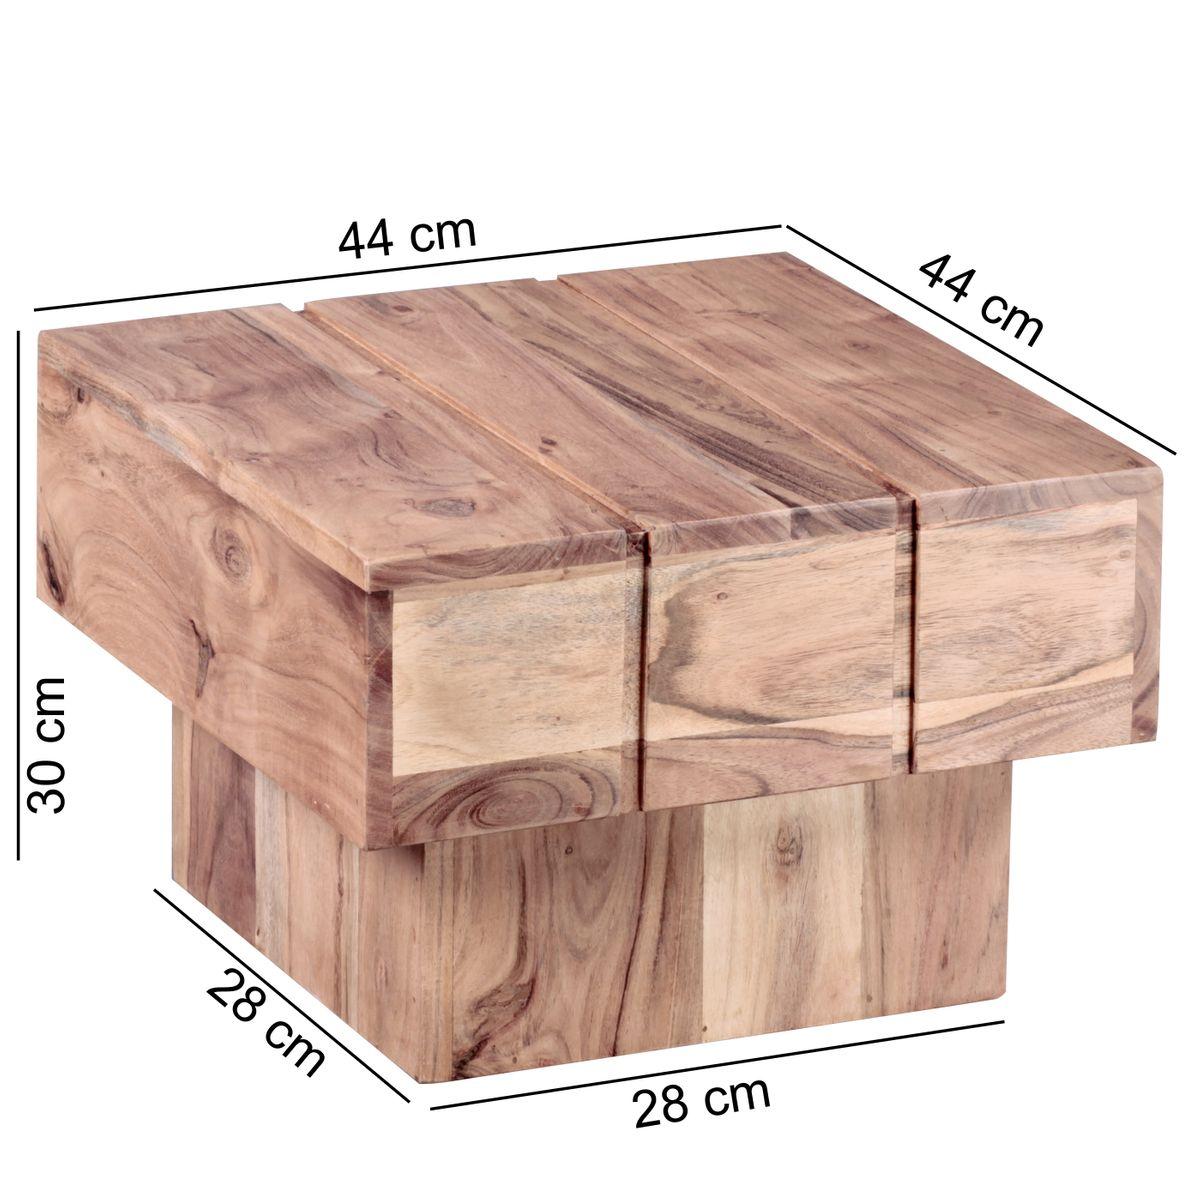 FineBuy Beistelltisch Massivholz Wohnzimmertisch 44 x 44 x 30 cm ...